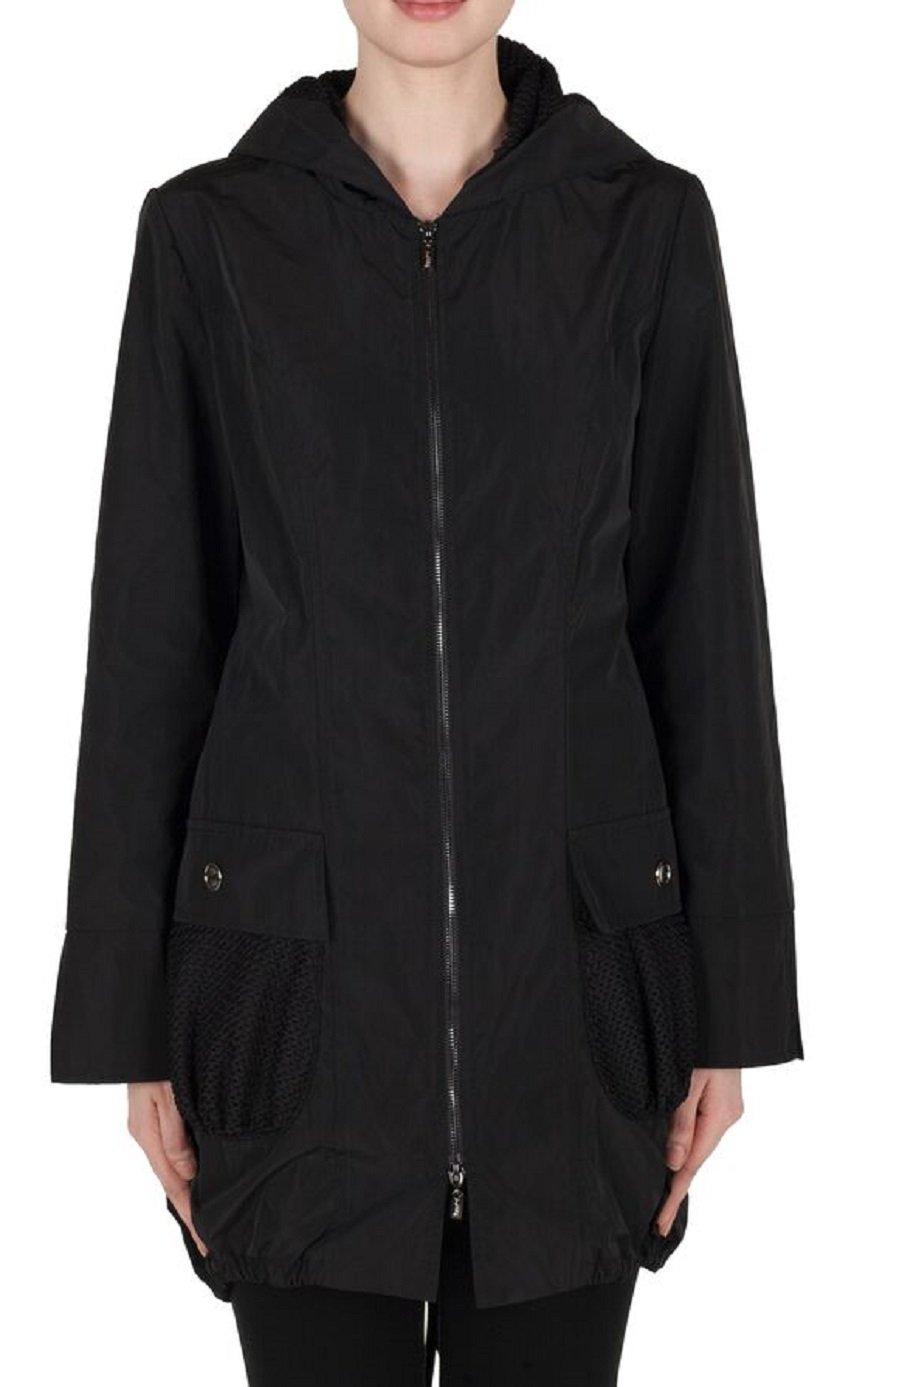 Joseph Ribkoff Black Front Zip Hooded Windbreaker Jacket Style 173496 Size 8